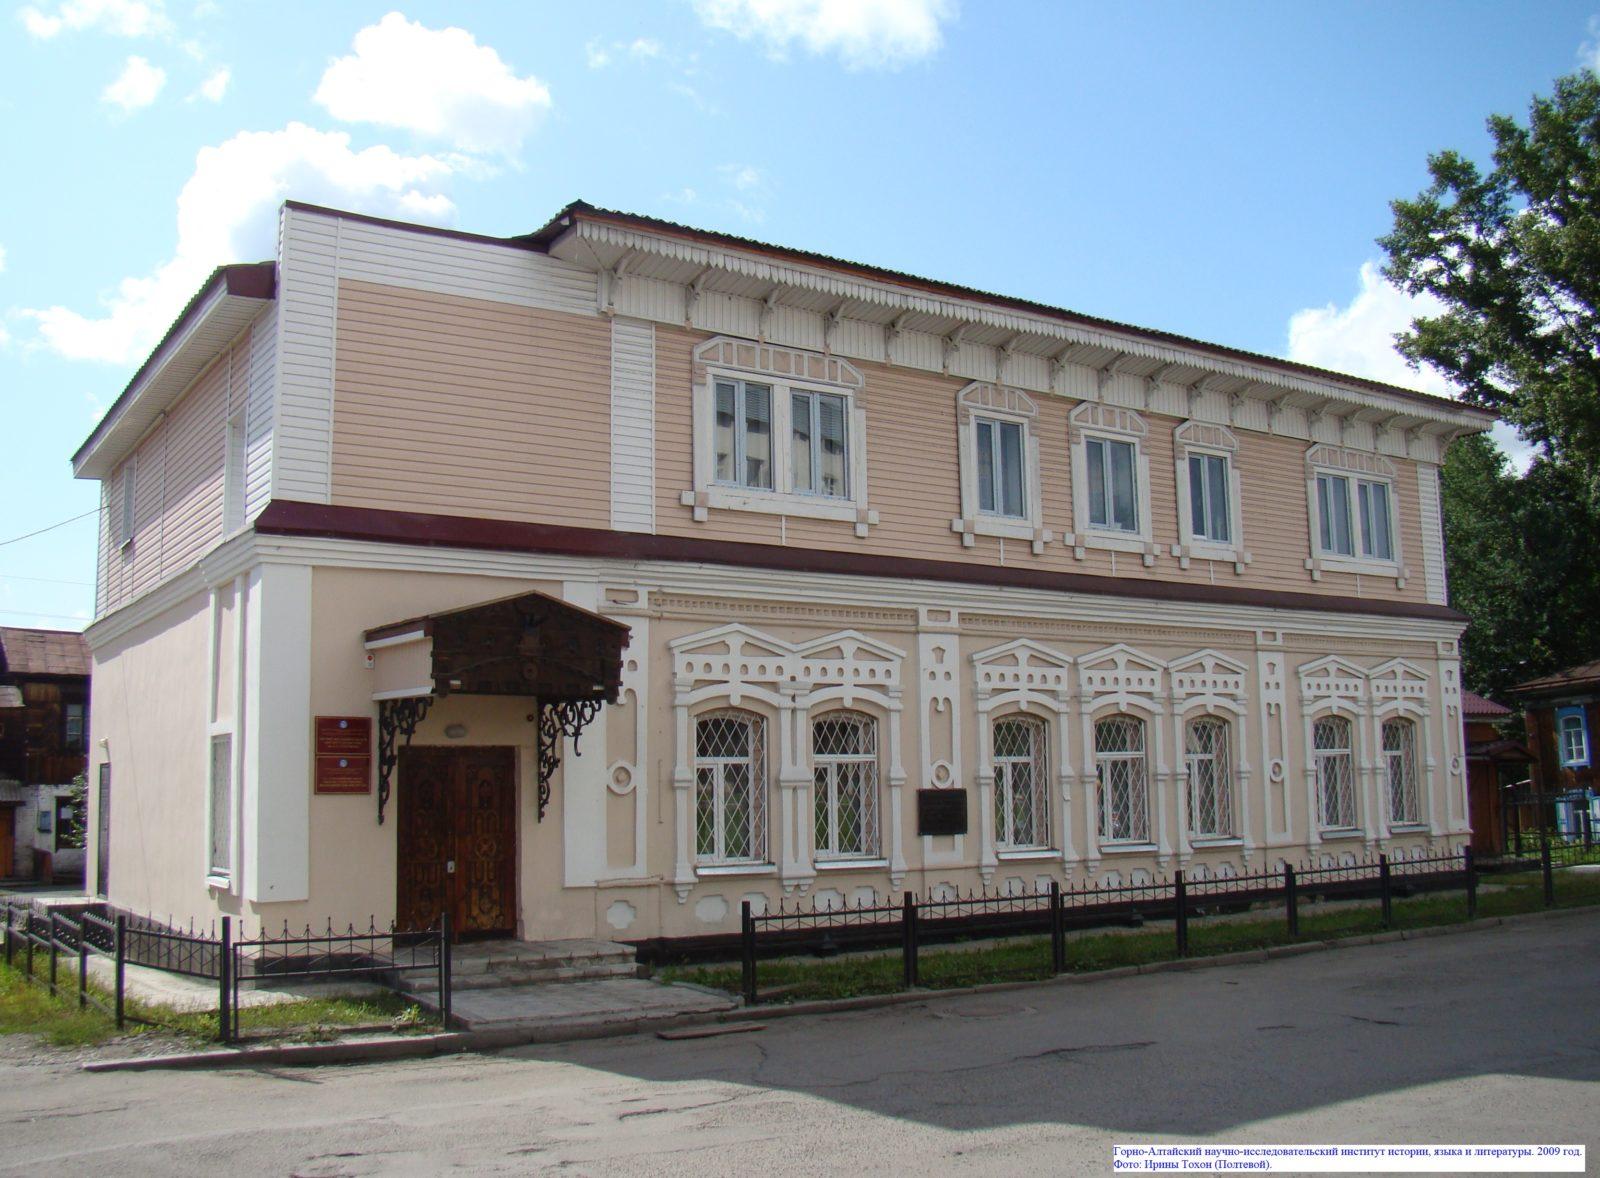 Горно-Алтайский научно-исследовательский институт истории, языка и литературы. 2009 год.